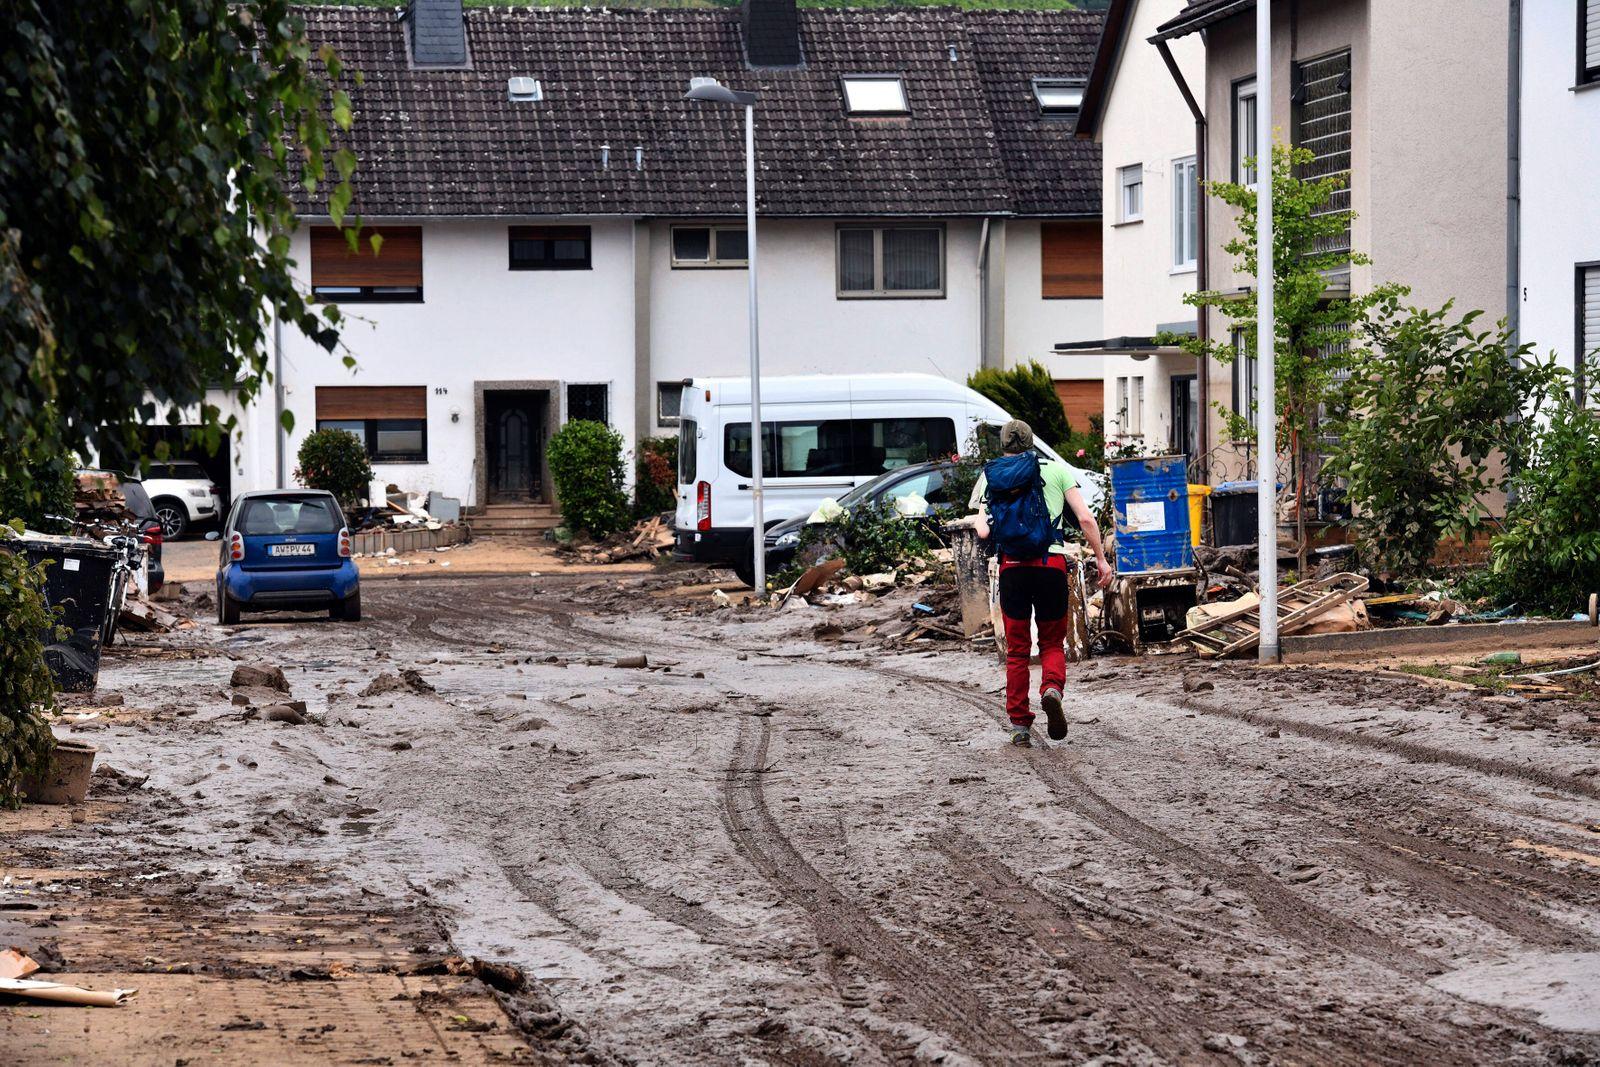 Deutschland, WBad Neuenahr, 19.07.2021 Neben der großen Zahl an Toten und Verletzten im gesamten Kreis Ahrweiler zeigt